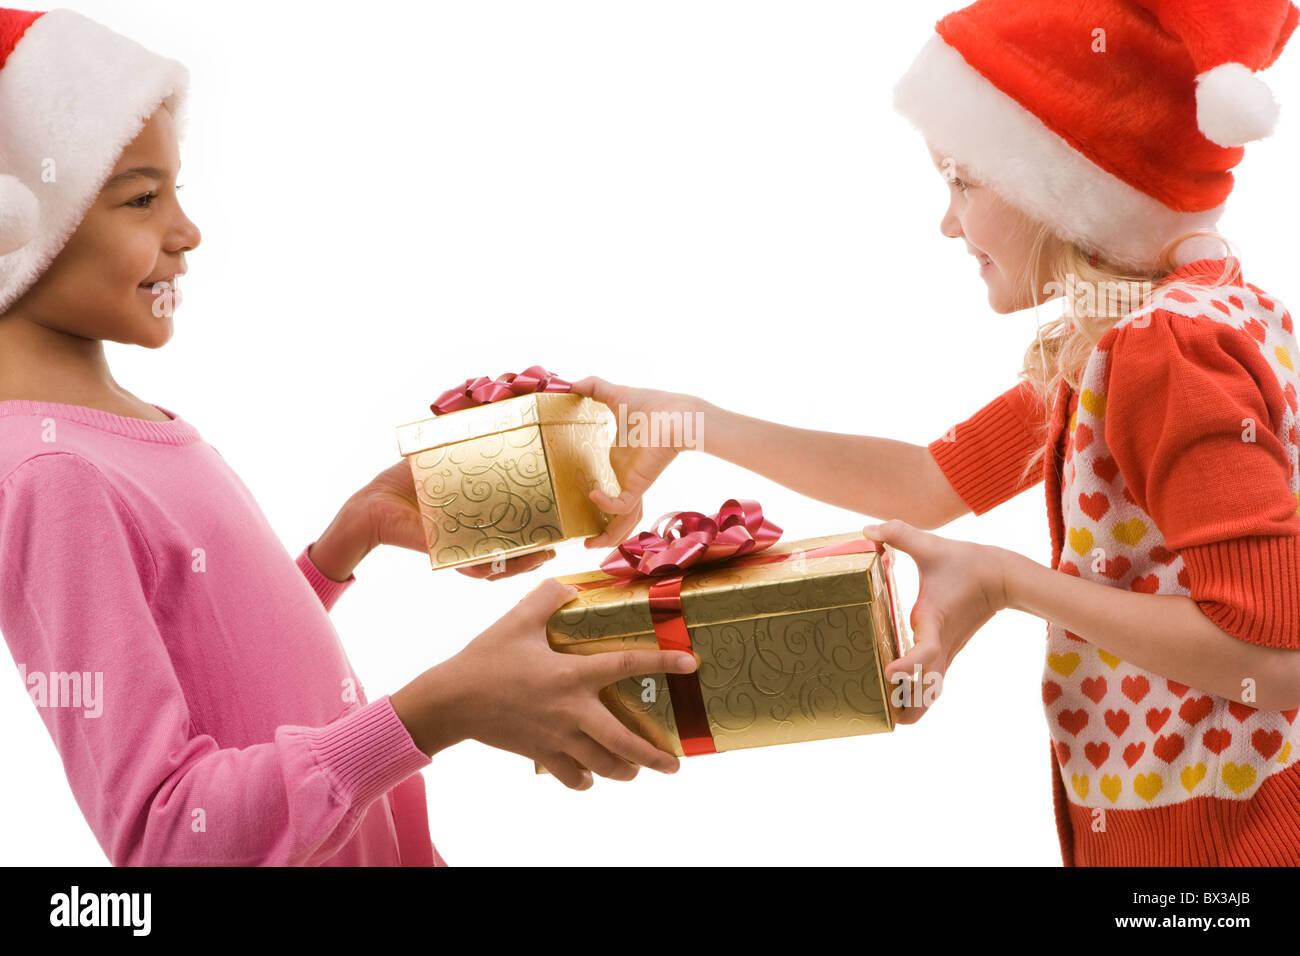 Regali Di Natale Amici.Ritratto Di Felice Amici Lo Scambio Di Regali Di Natale Alla